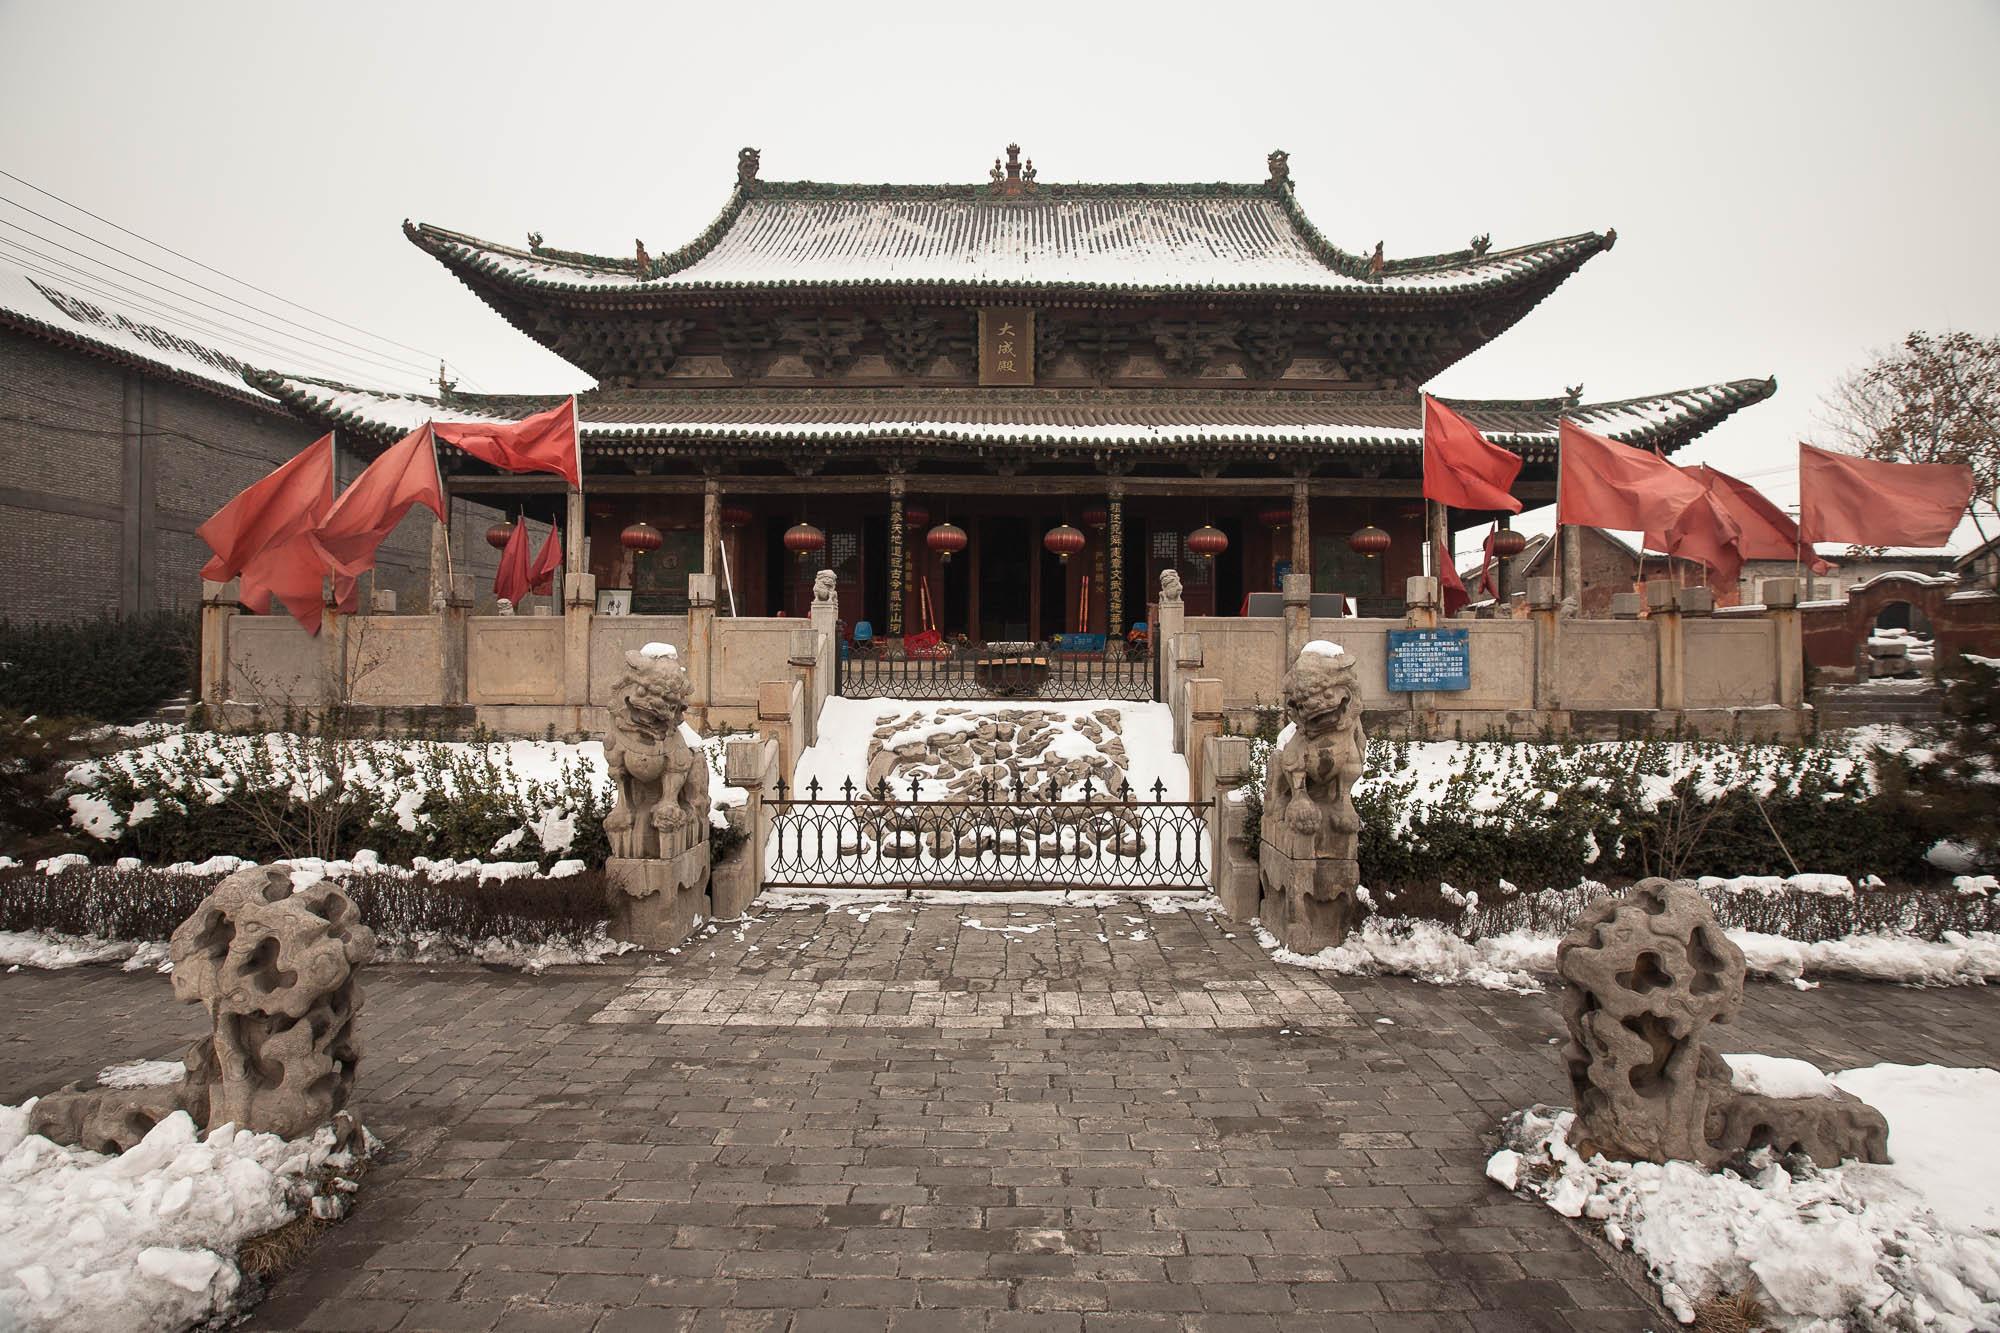 Jiangzhouwen Temple